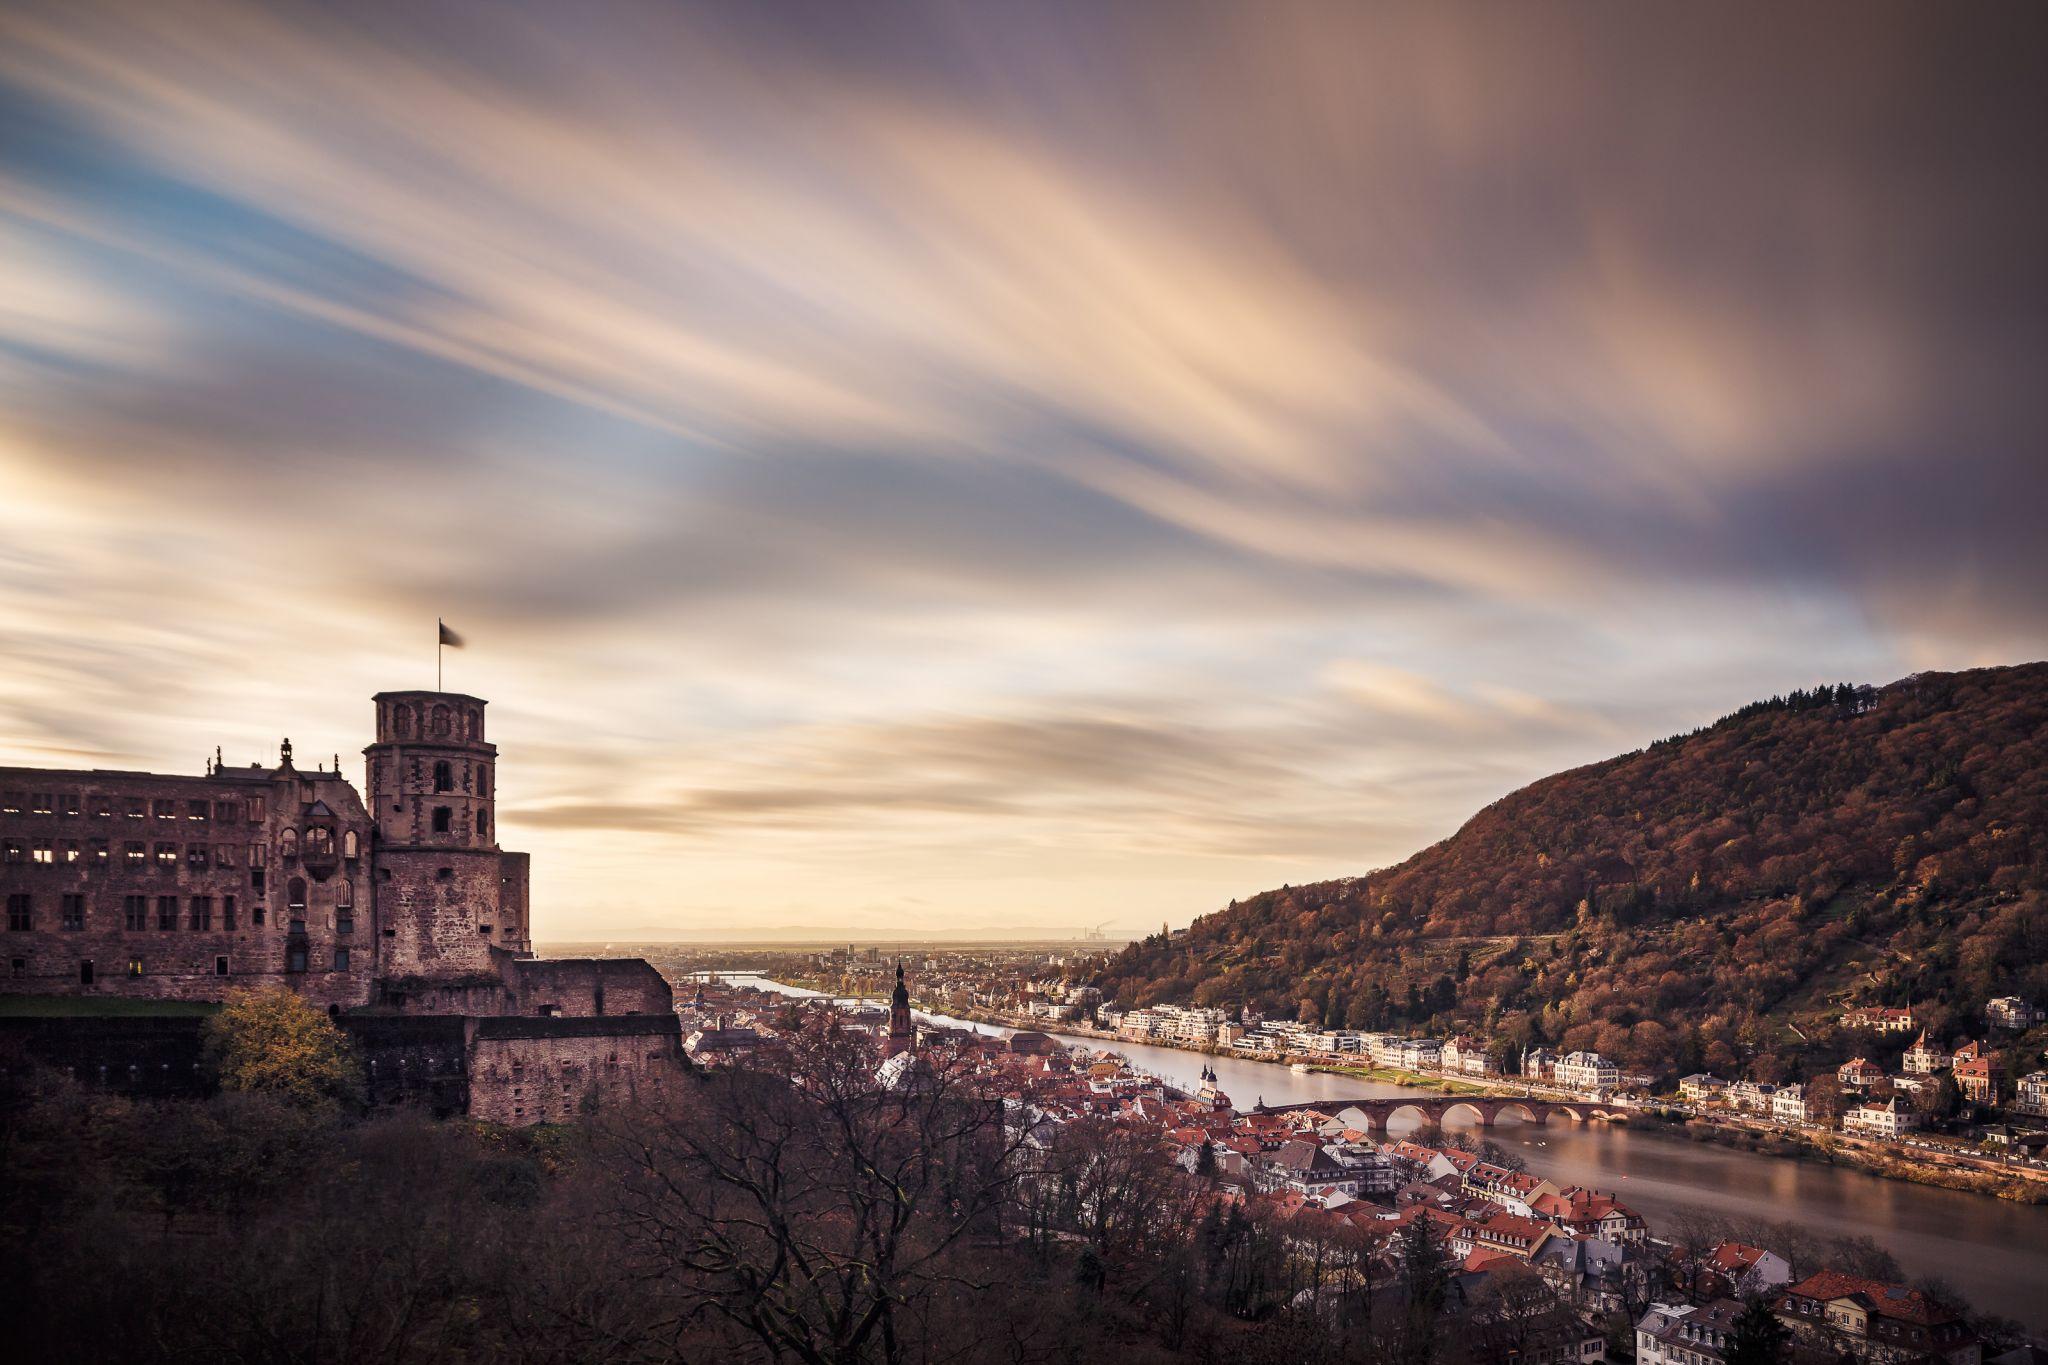 Scheffelterrasse, Heidelberg, Germany